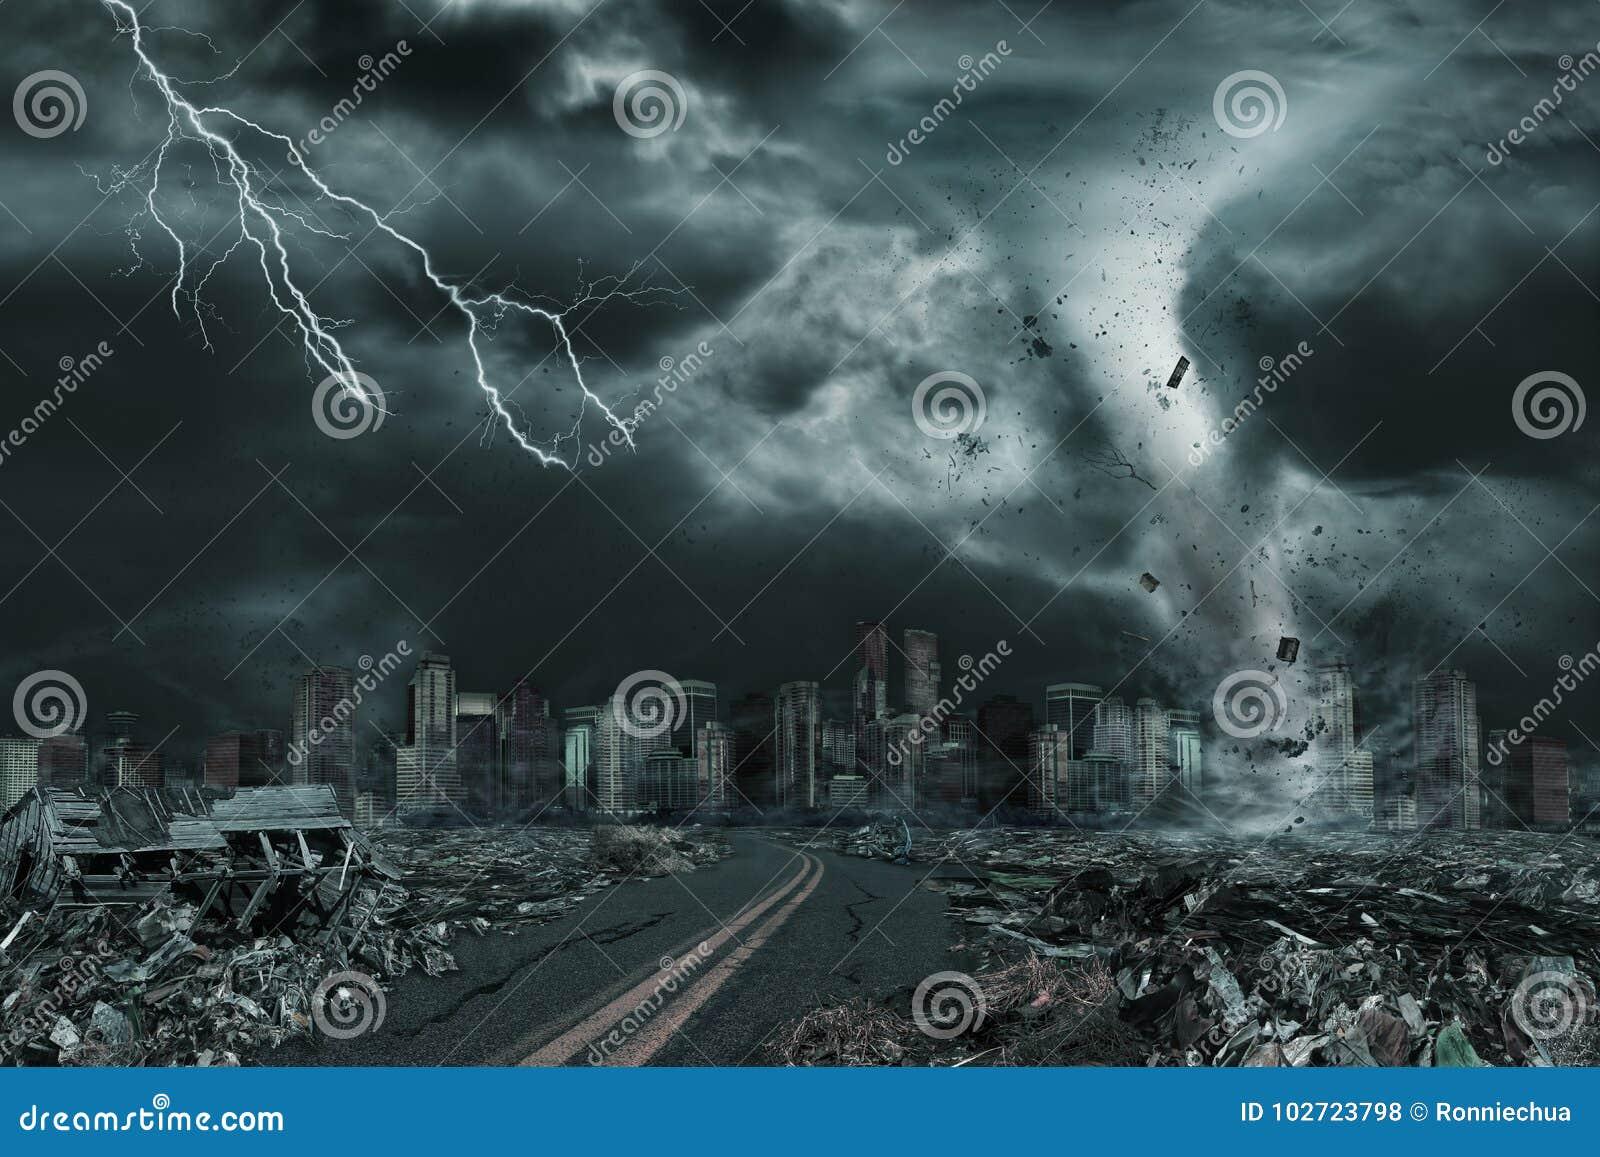 Rappresentazione cinematografica della città distrutta dal tornado o dall uragano